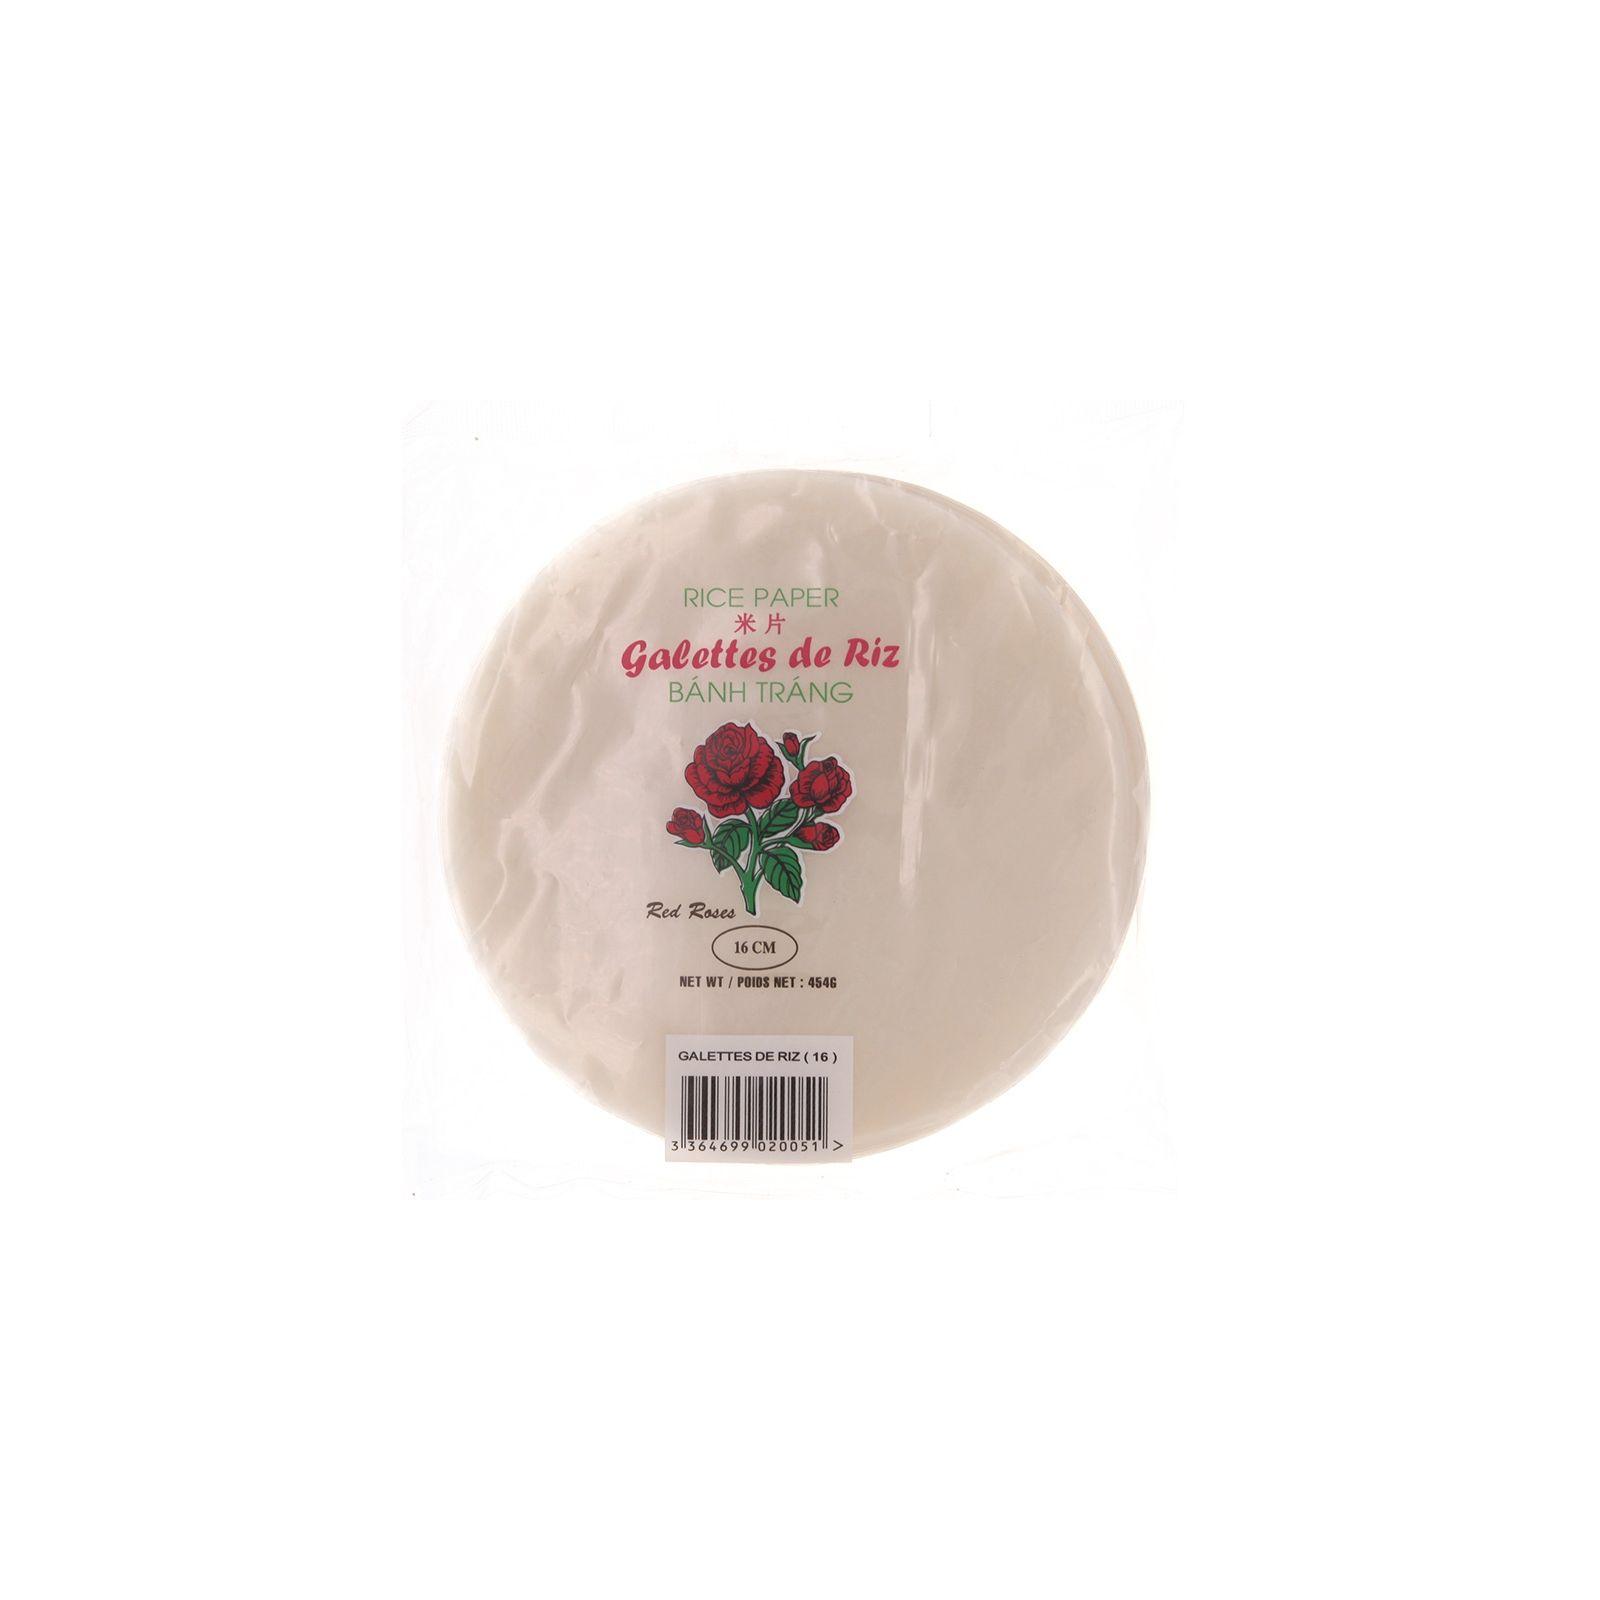 Asia Marché Galettes, Feuilles de riz Red Roses 454g 16cm